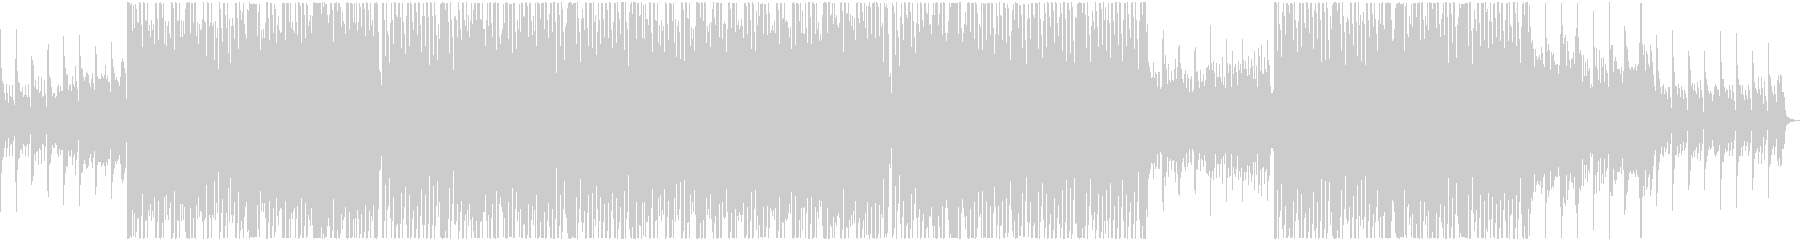 テラハで流れていそうなおしゃれBGMの未再生の波形